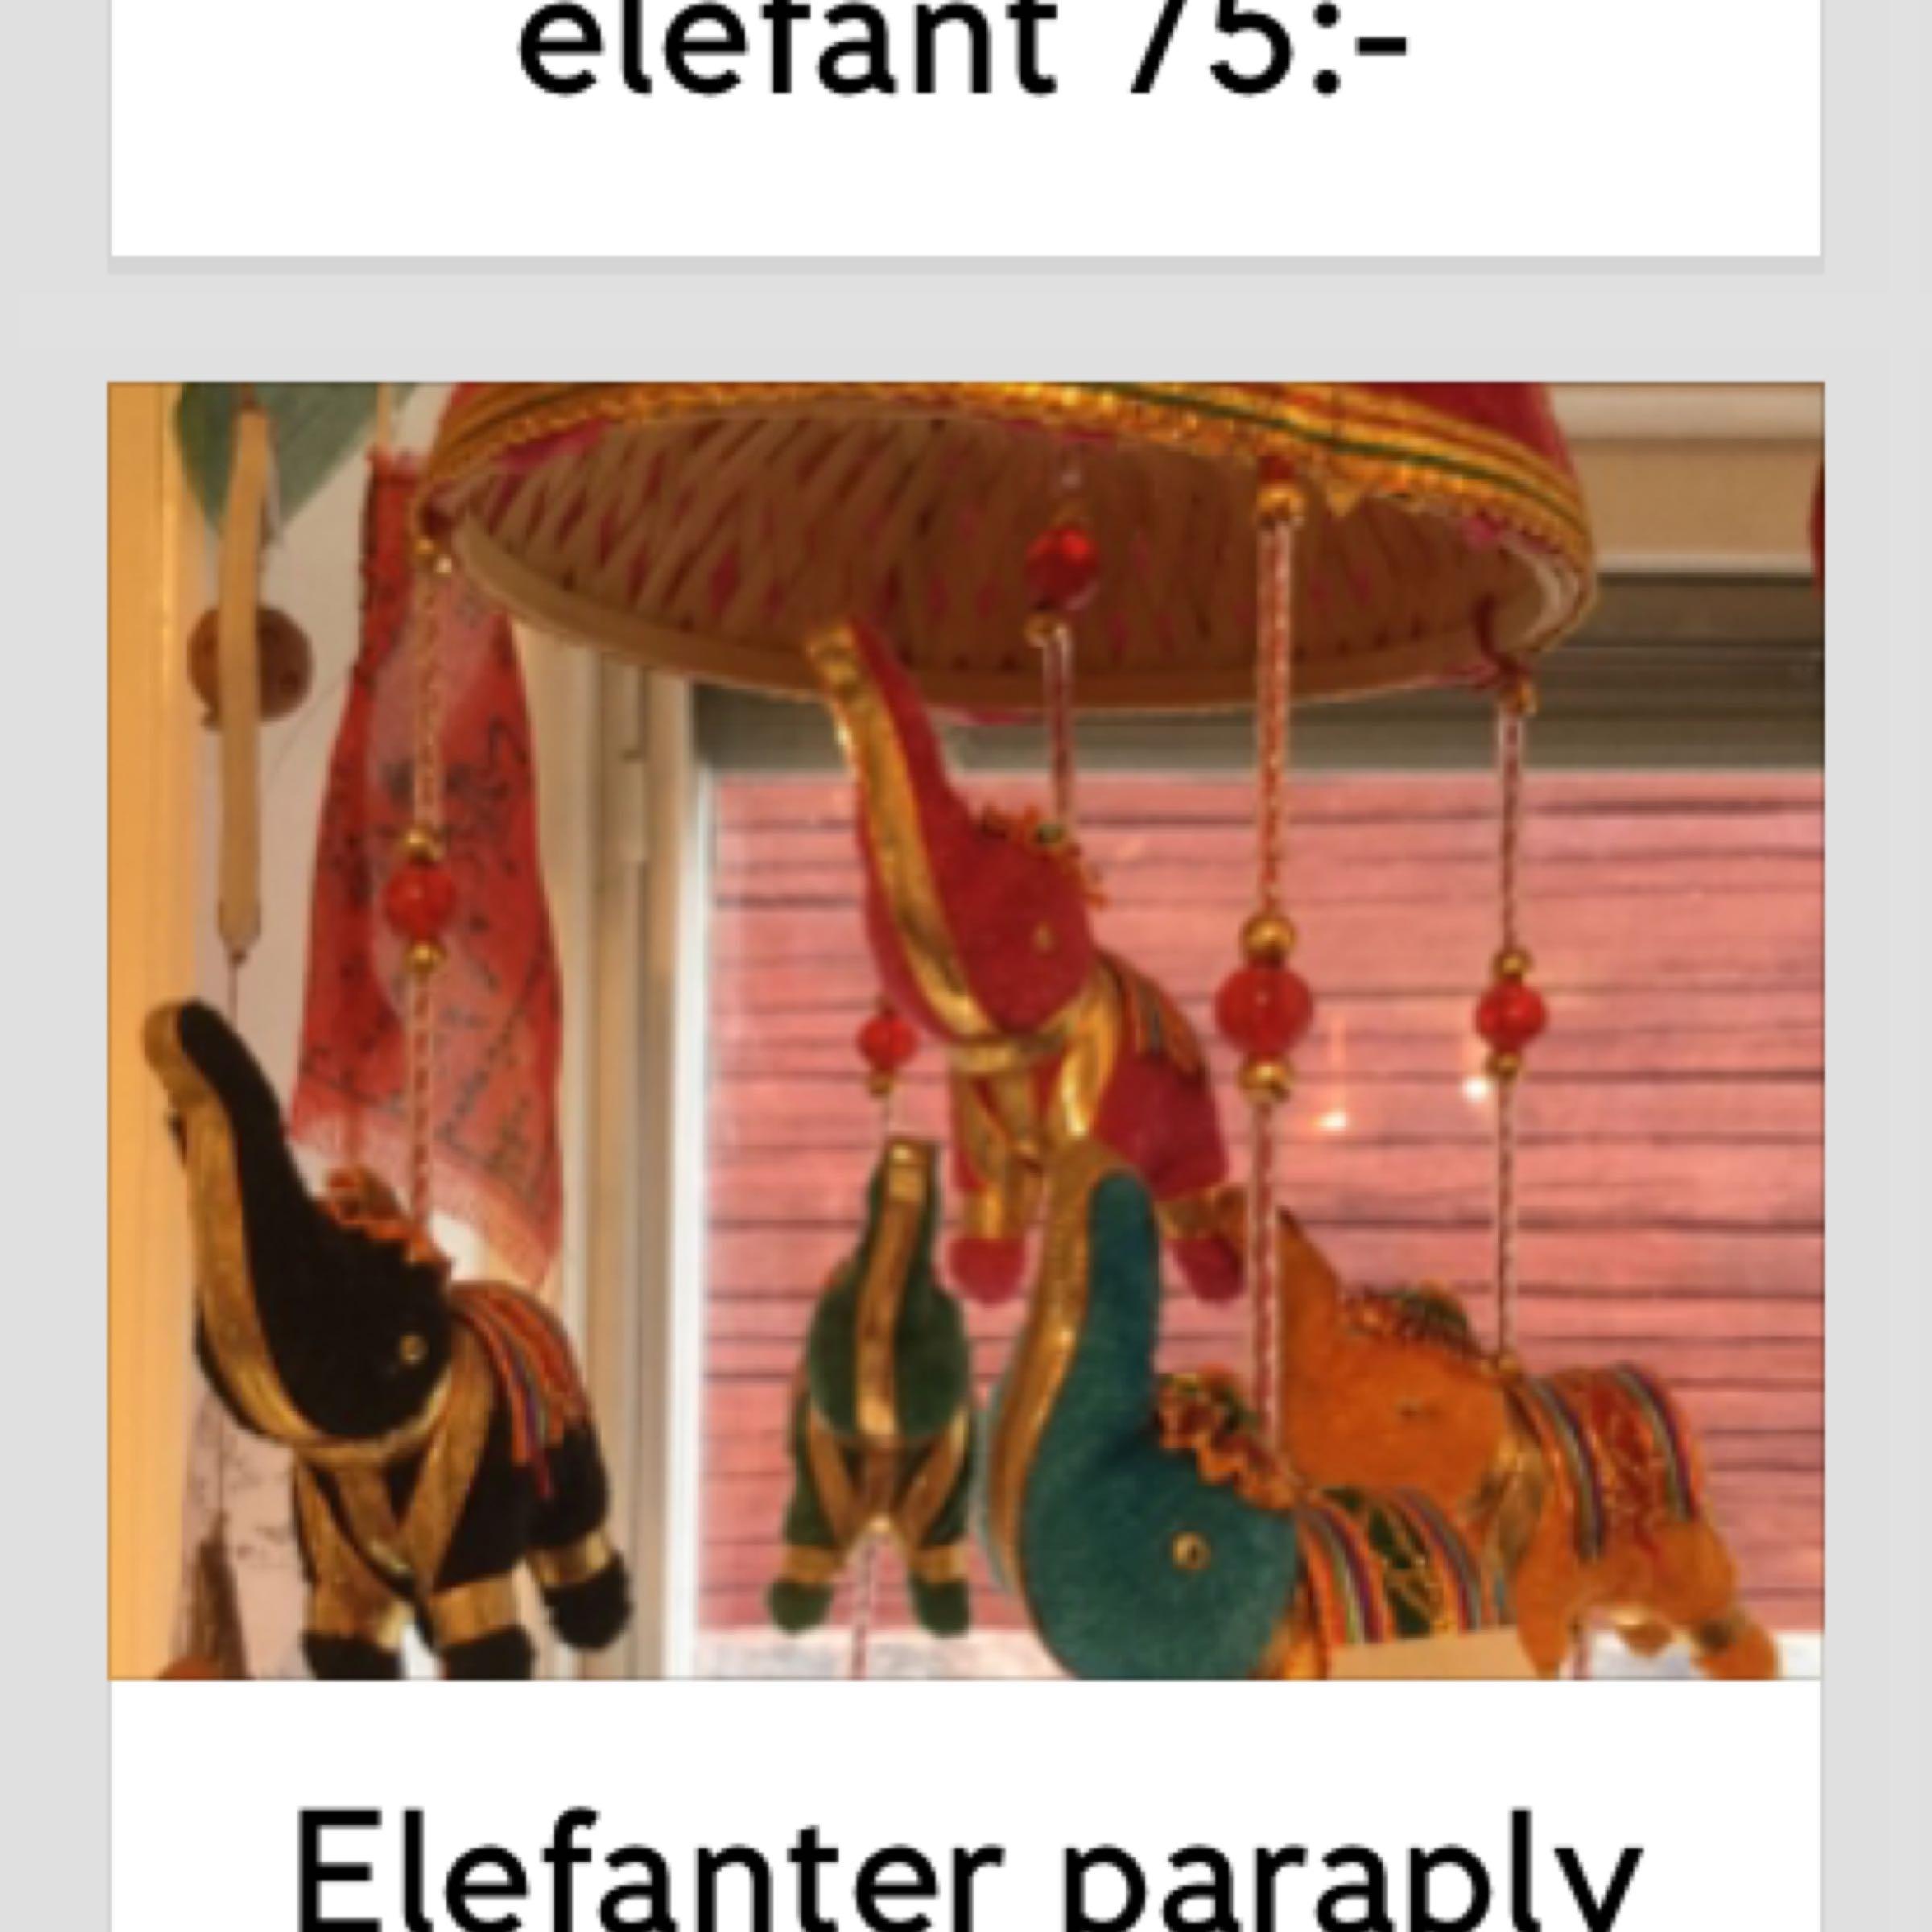 Elefanter paraply mobil 99:-